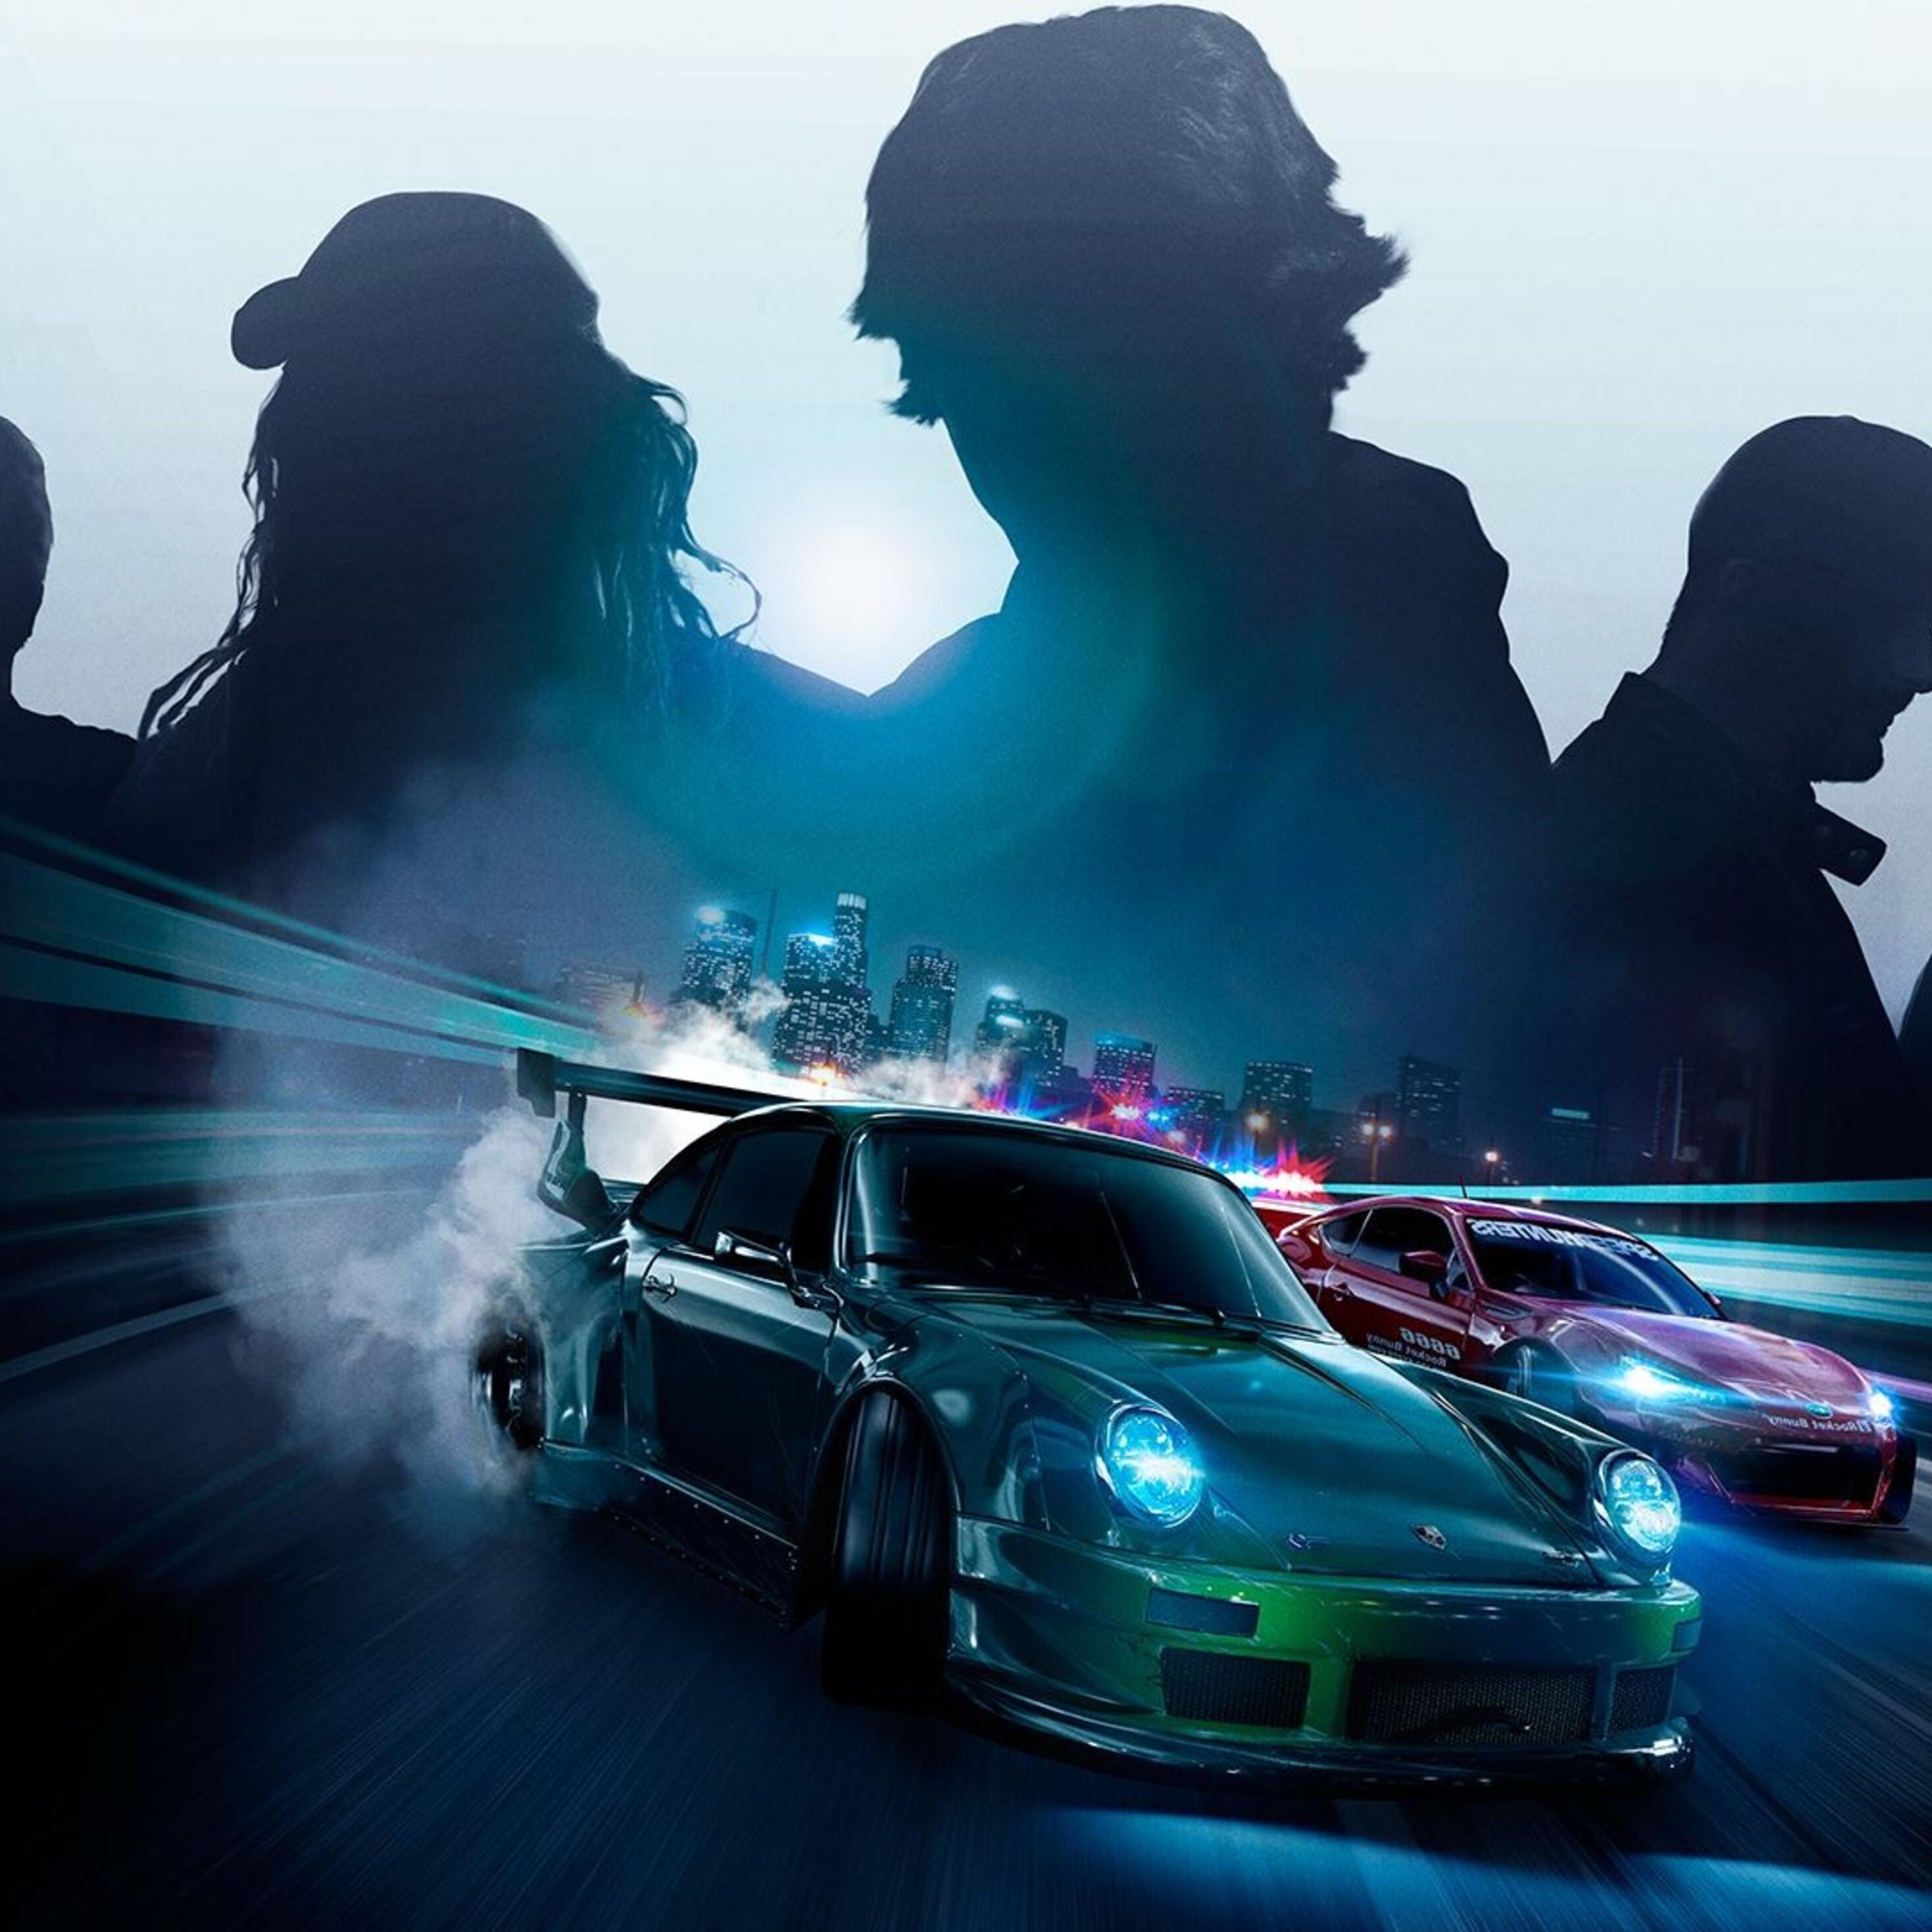 2932x2932 Need For Speed 2015 Game Ipad Pro Retina Display Hd 4k